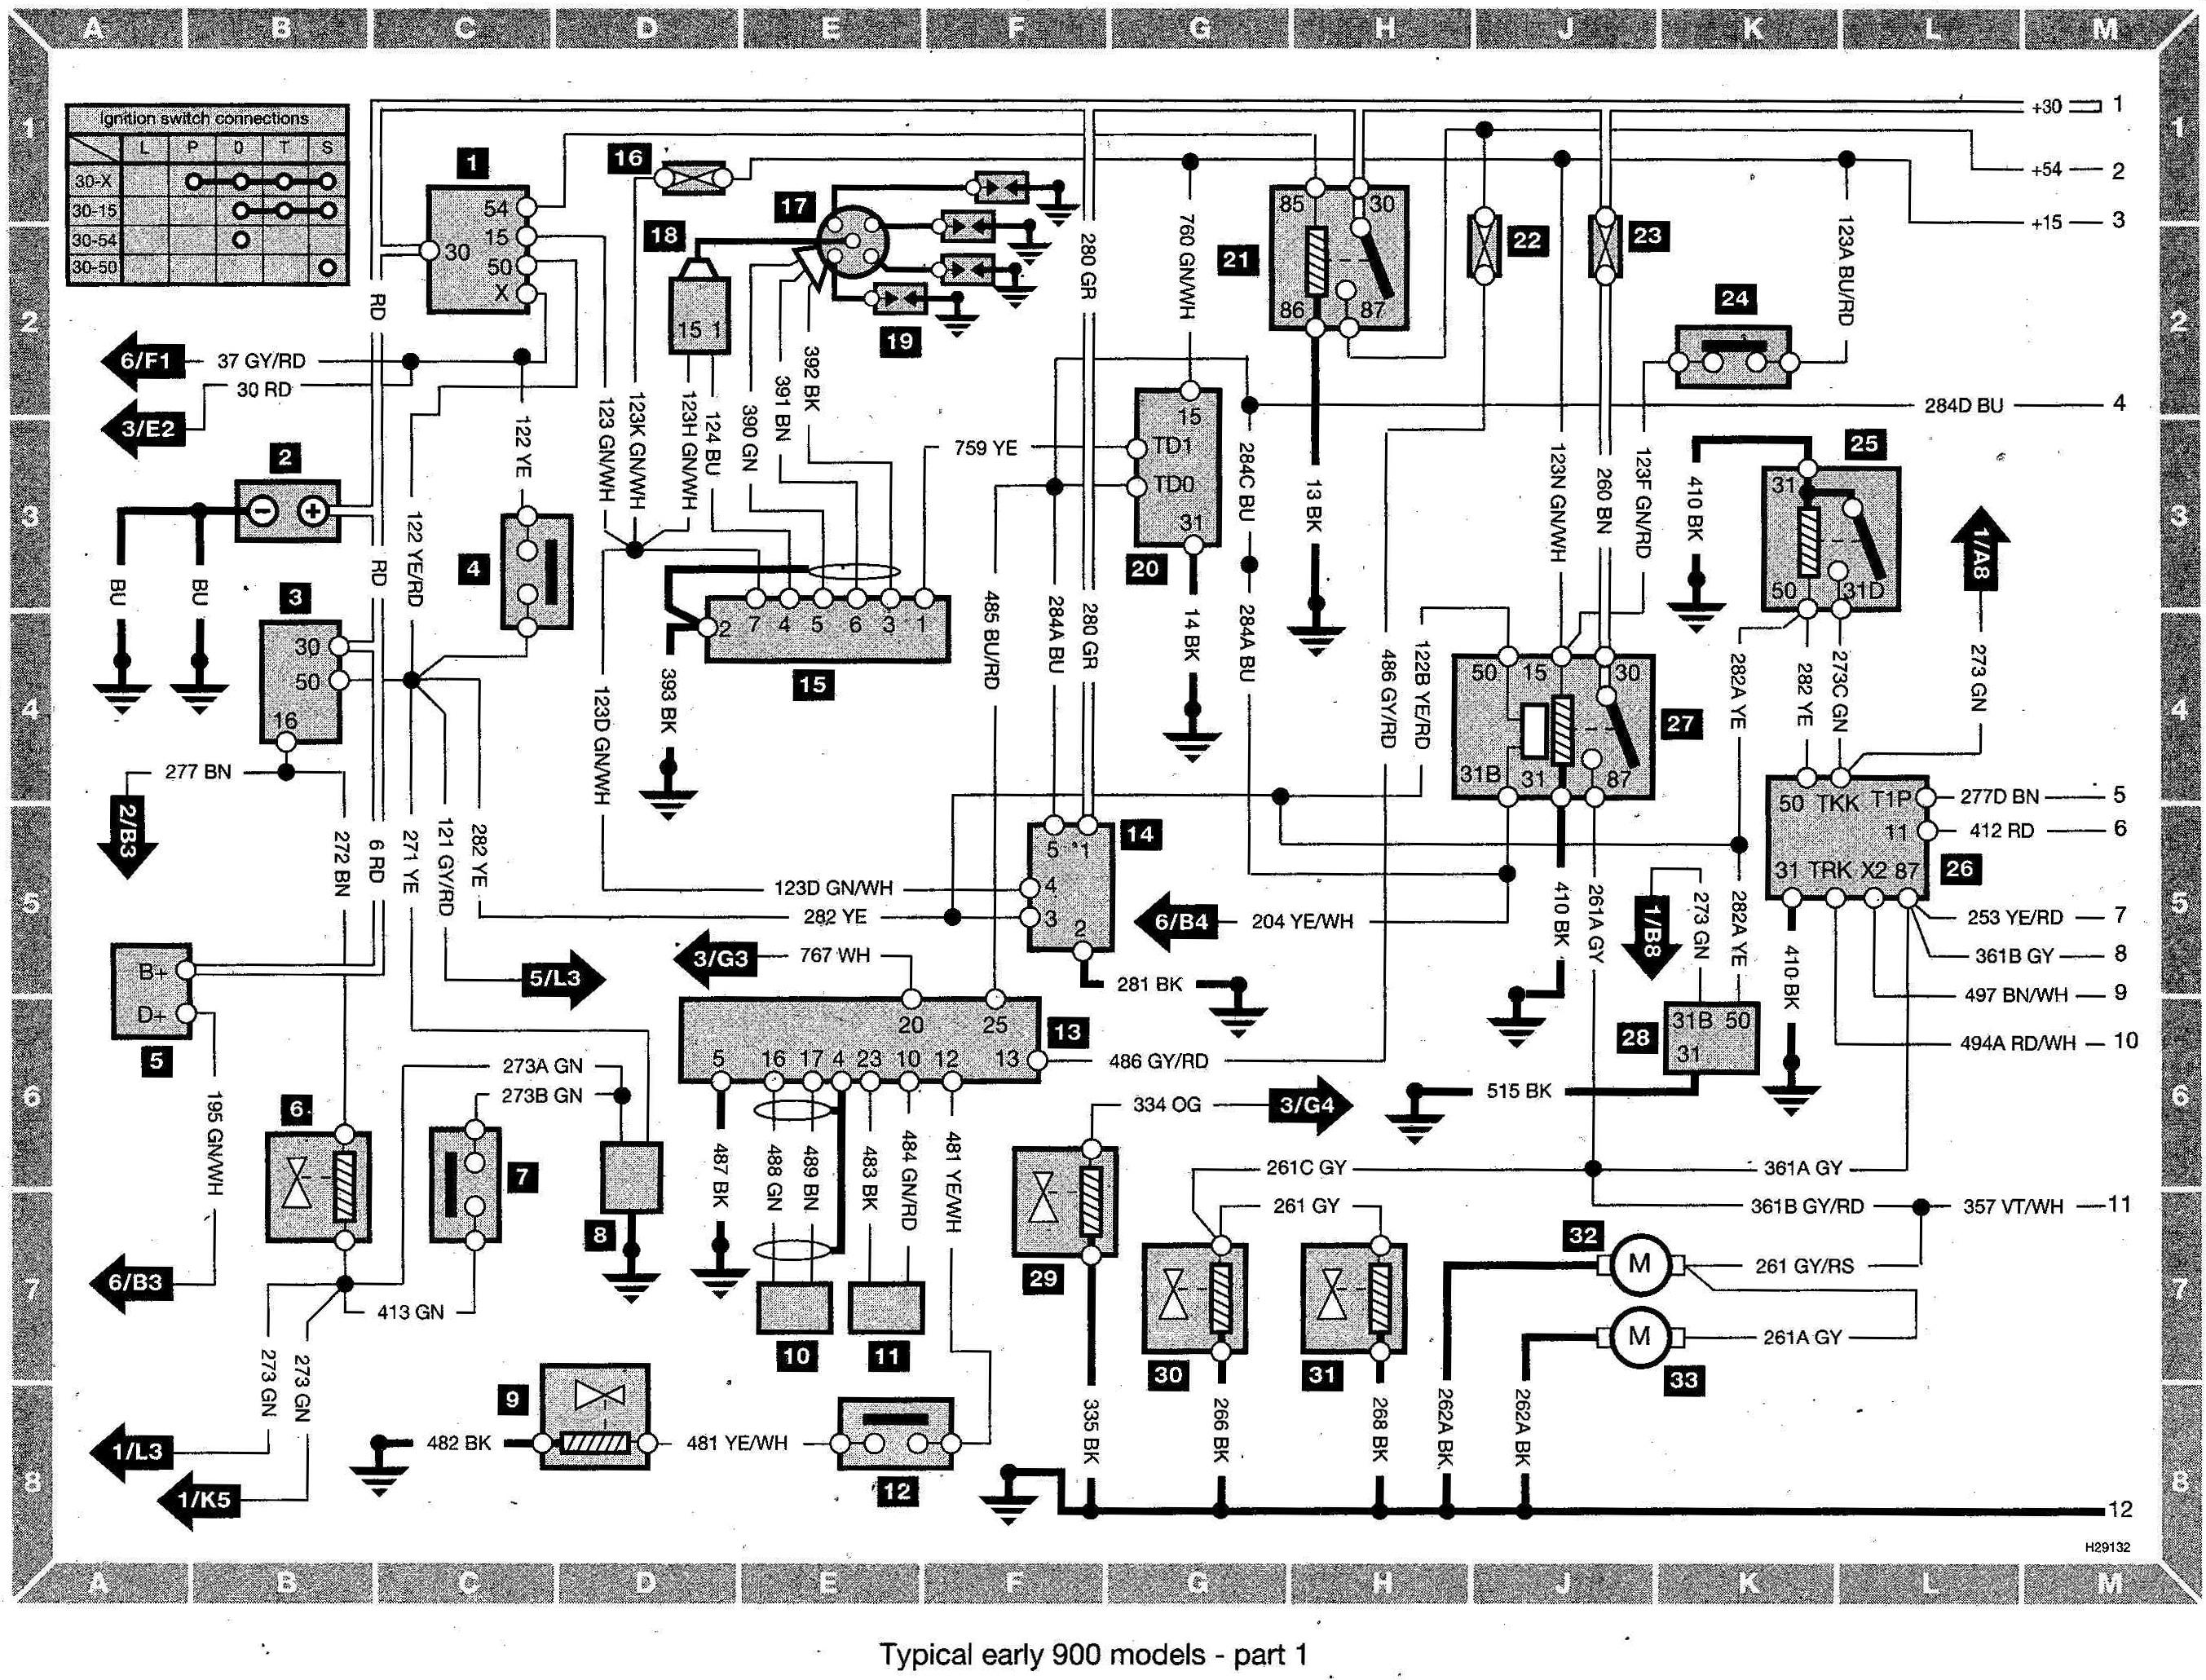 Brilliant 2003 Saab Engine Wiring Wiring Diagram Schematics Wiring Cloud Picalendutblikvittorg